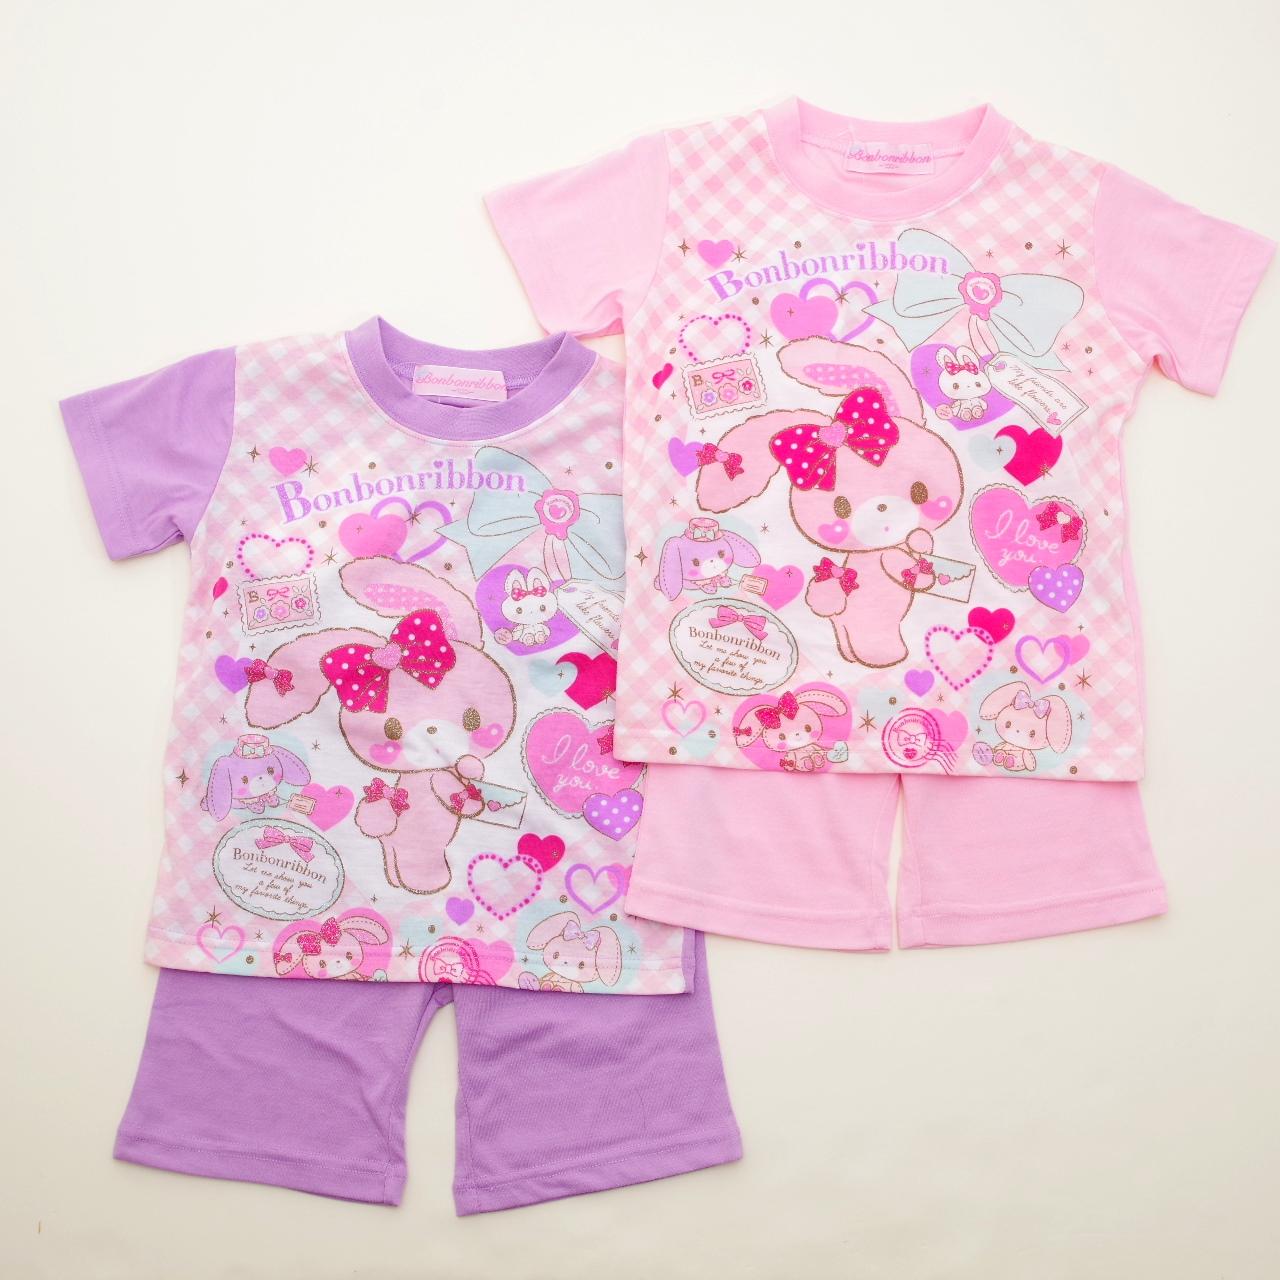 サンリオ ぼんぼんりぼん 半袖Tシャツ生地のパジャマ  100-130cm(832BO007112)